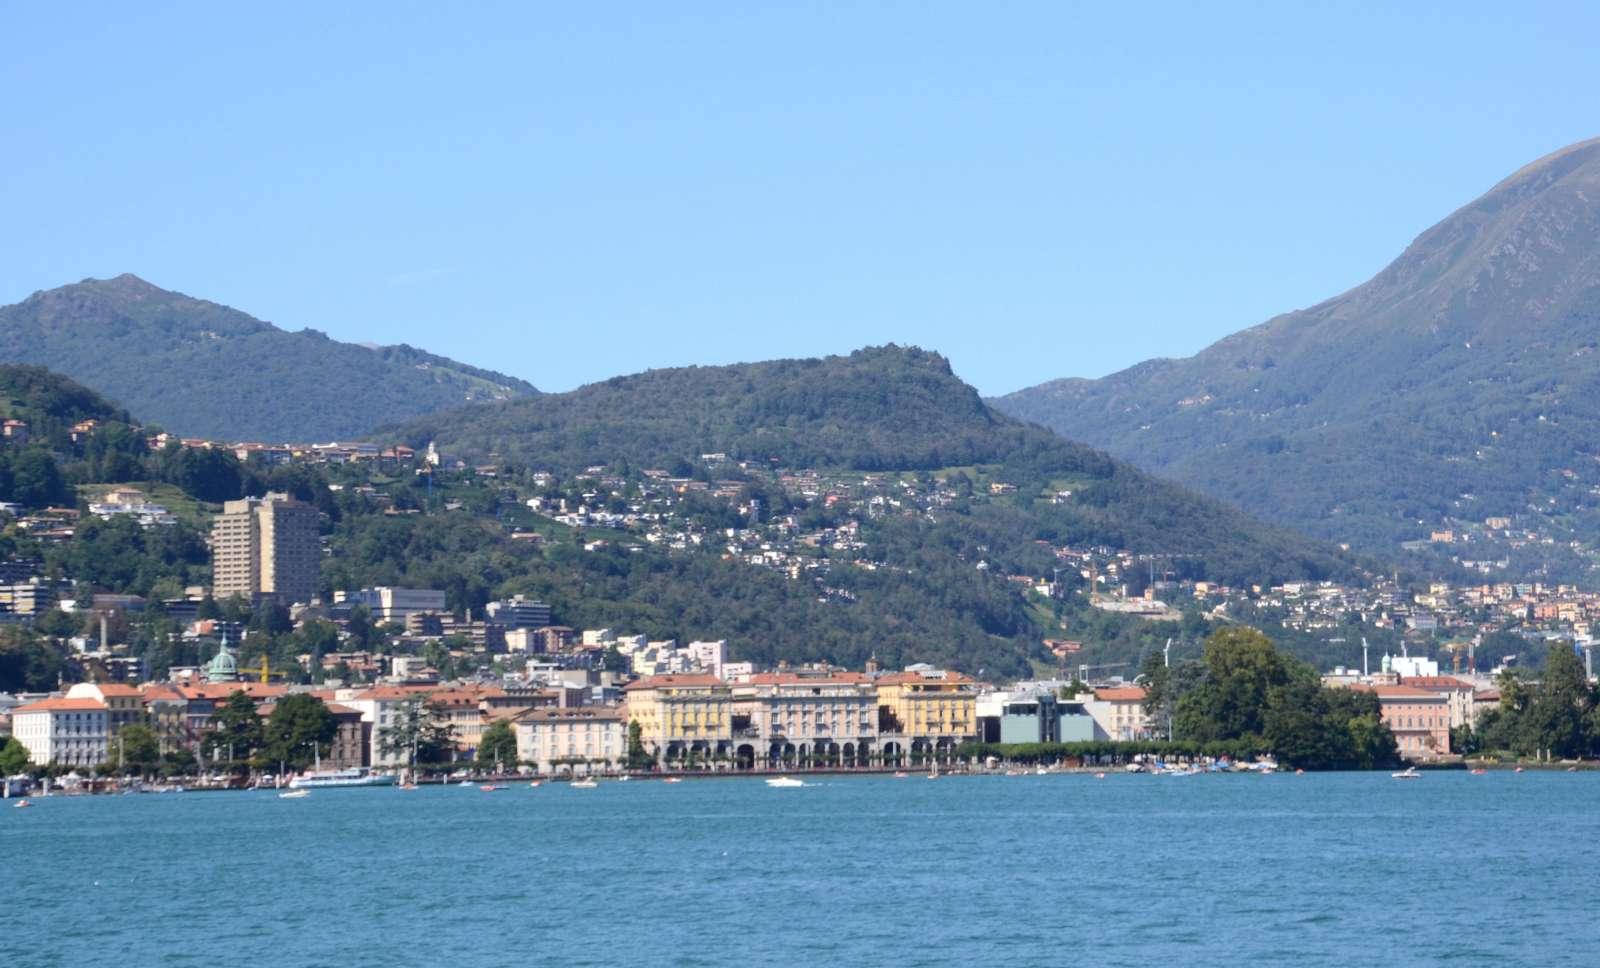 La ville de Lugano en Suisse